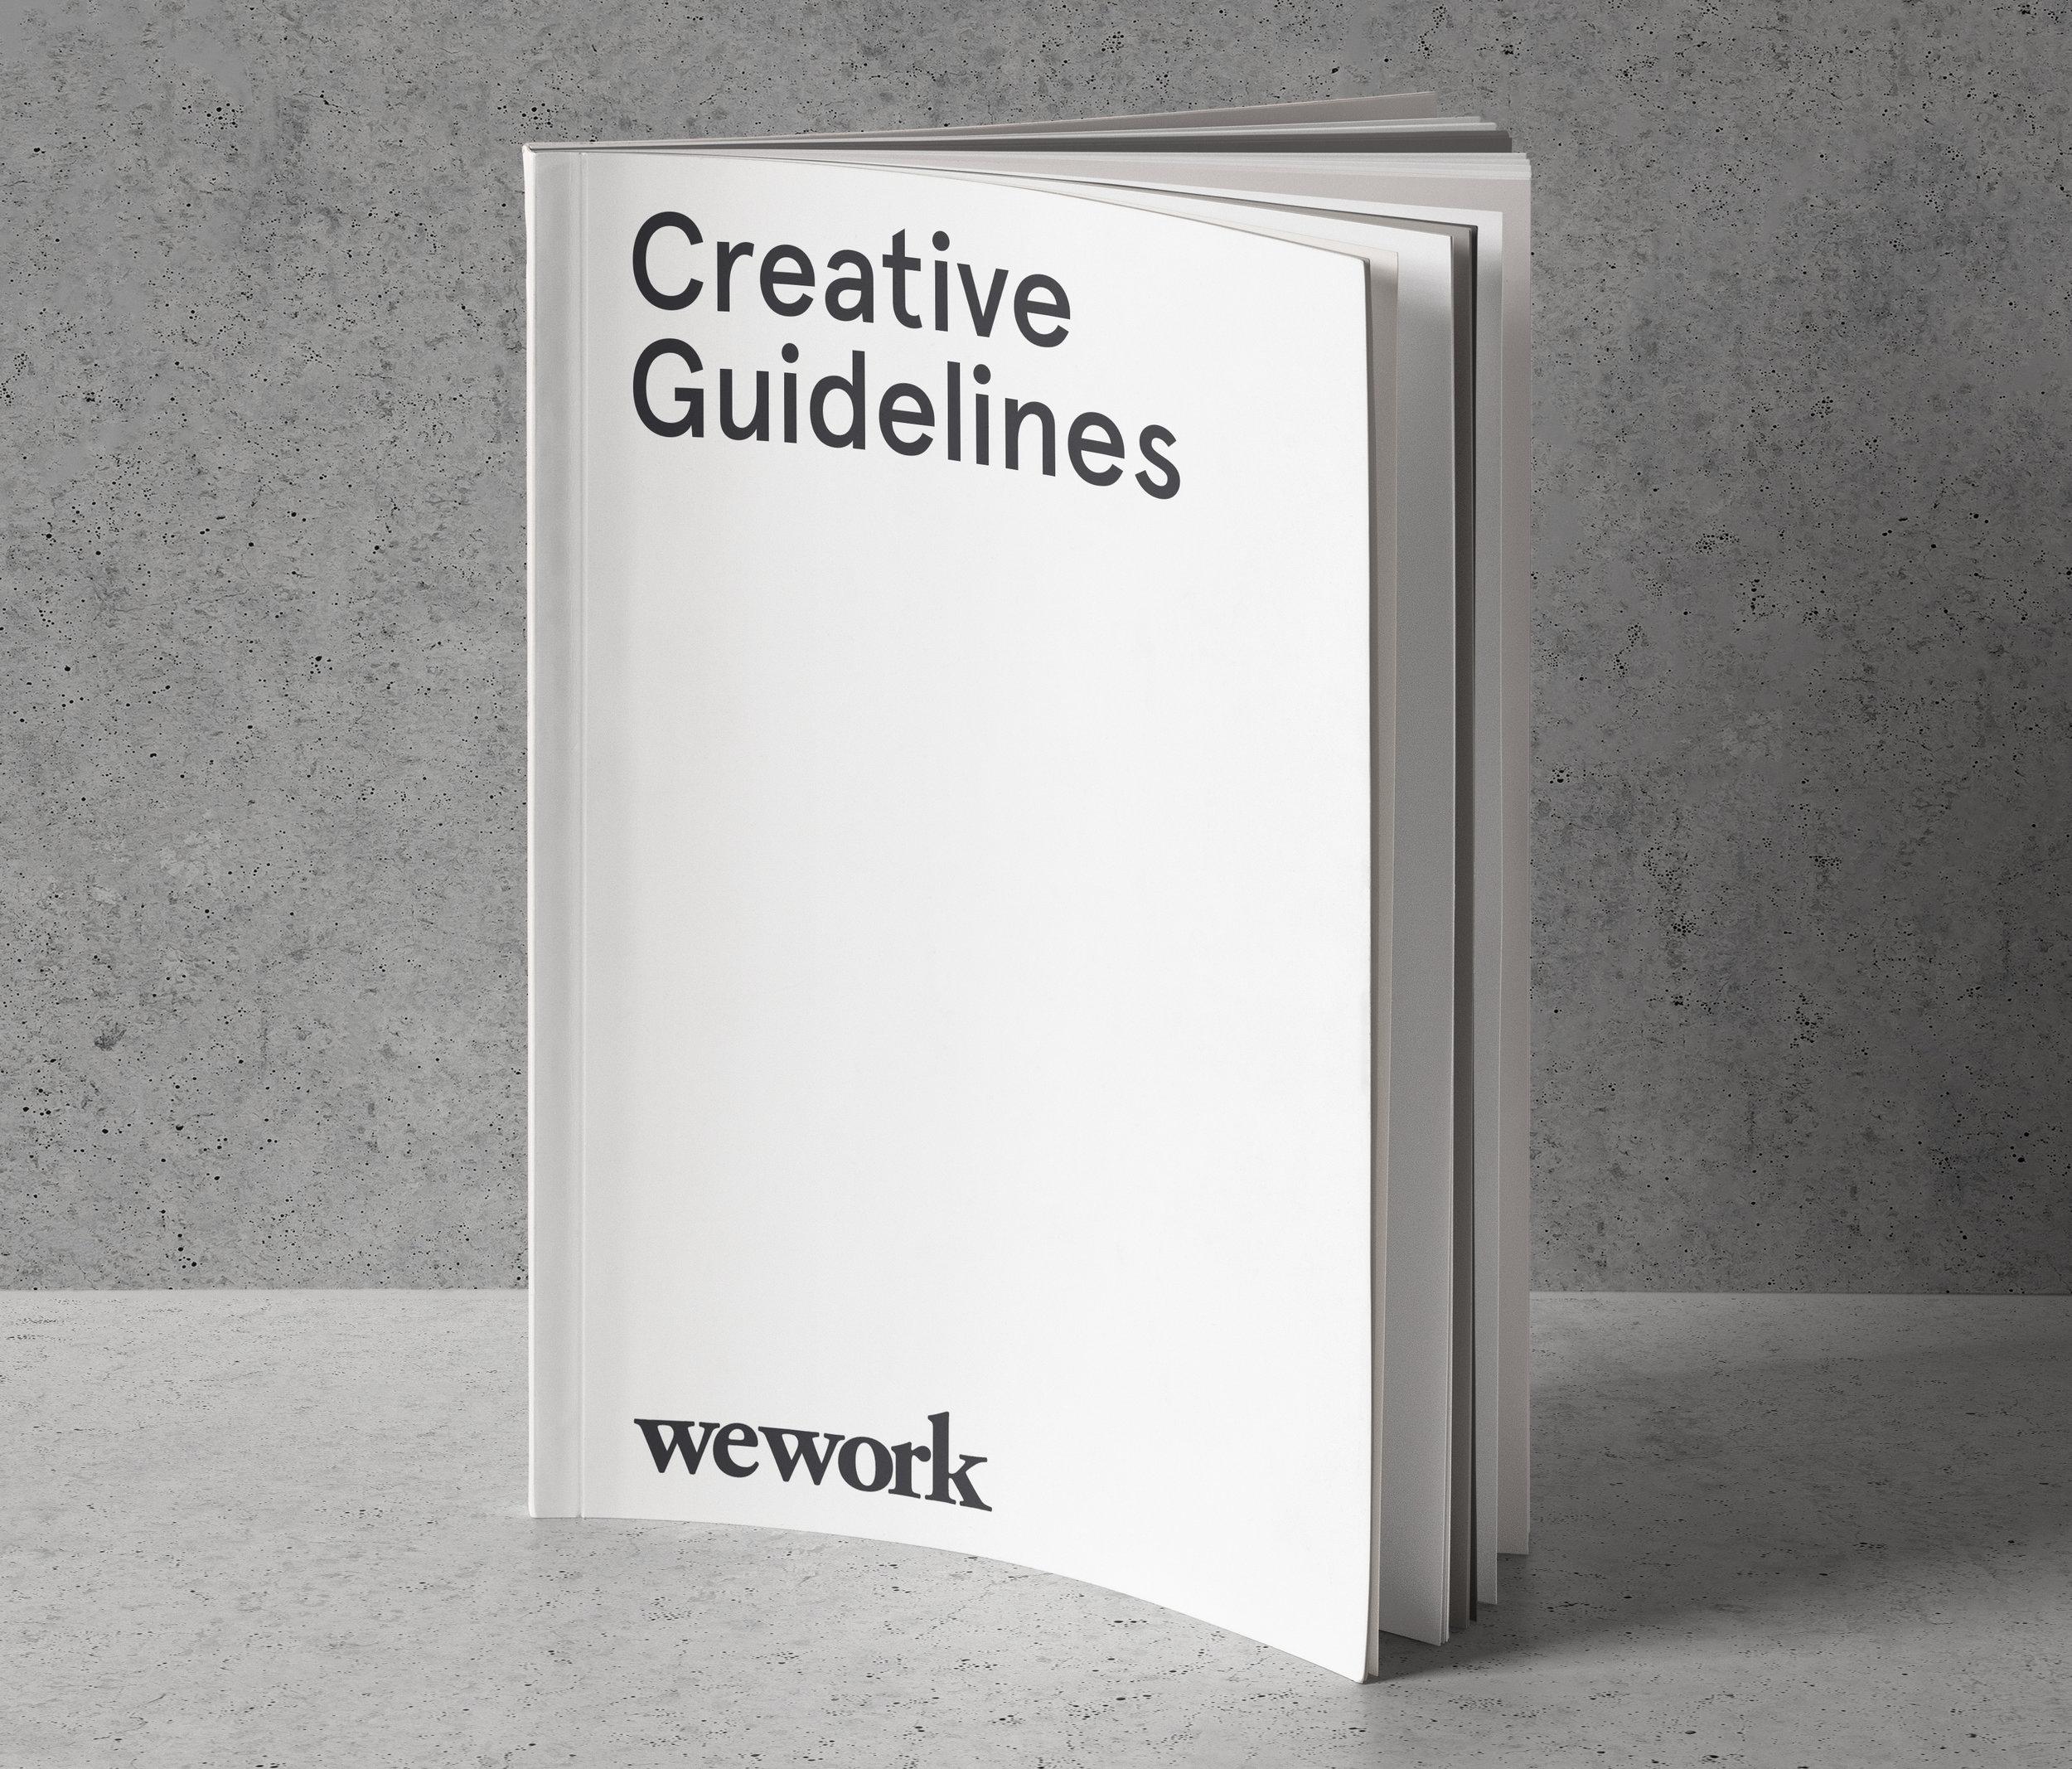 WeWork_Creative_Guidelines_01.jpg